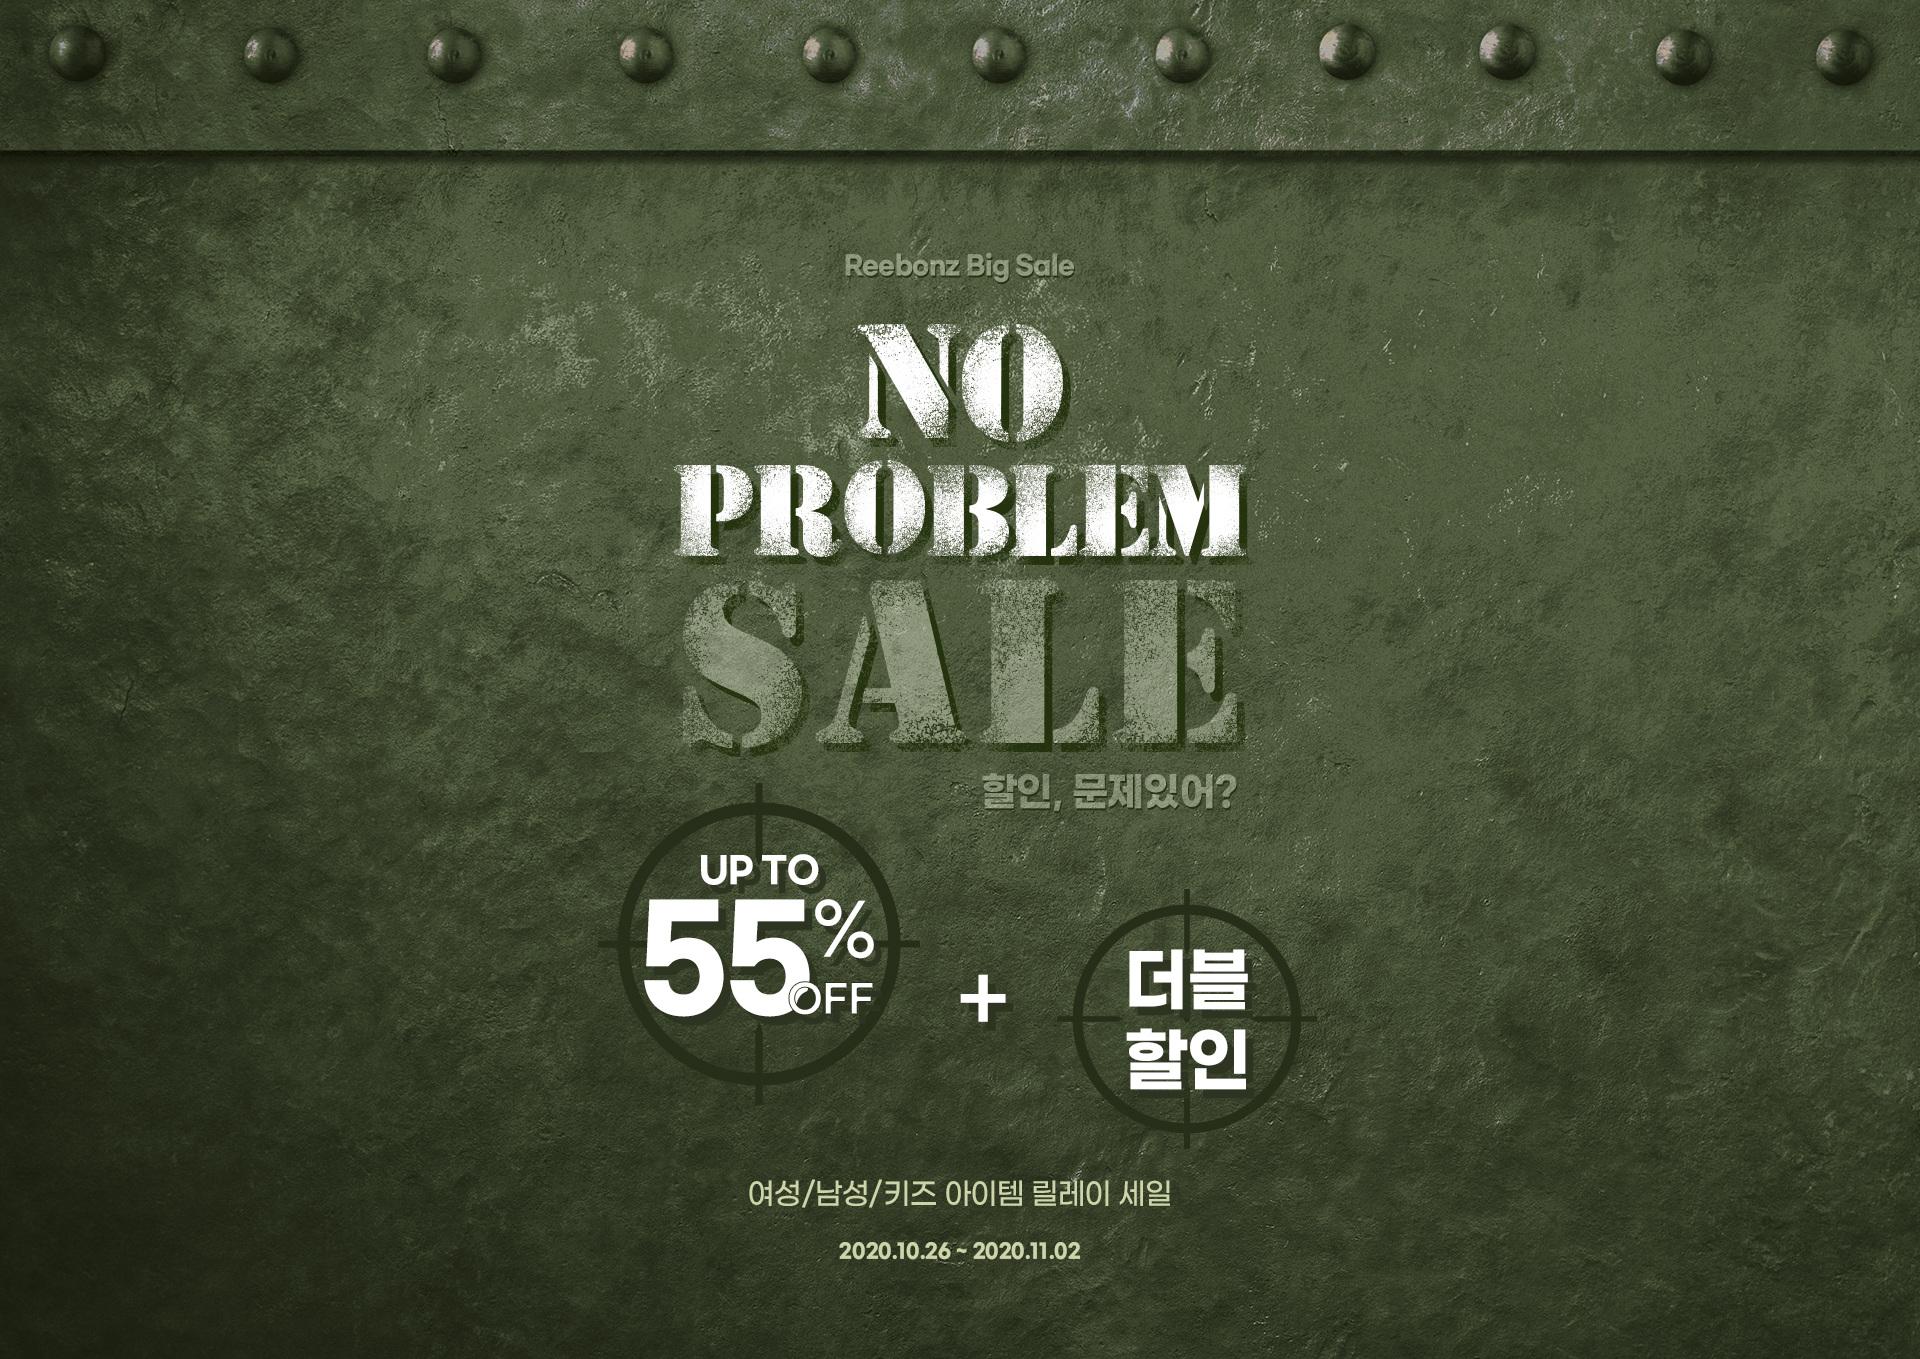 할인, 문제있어?